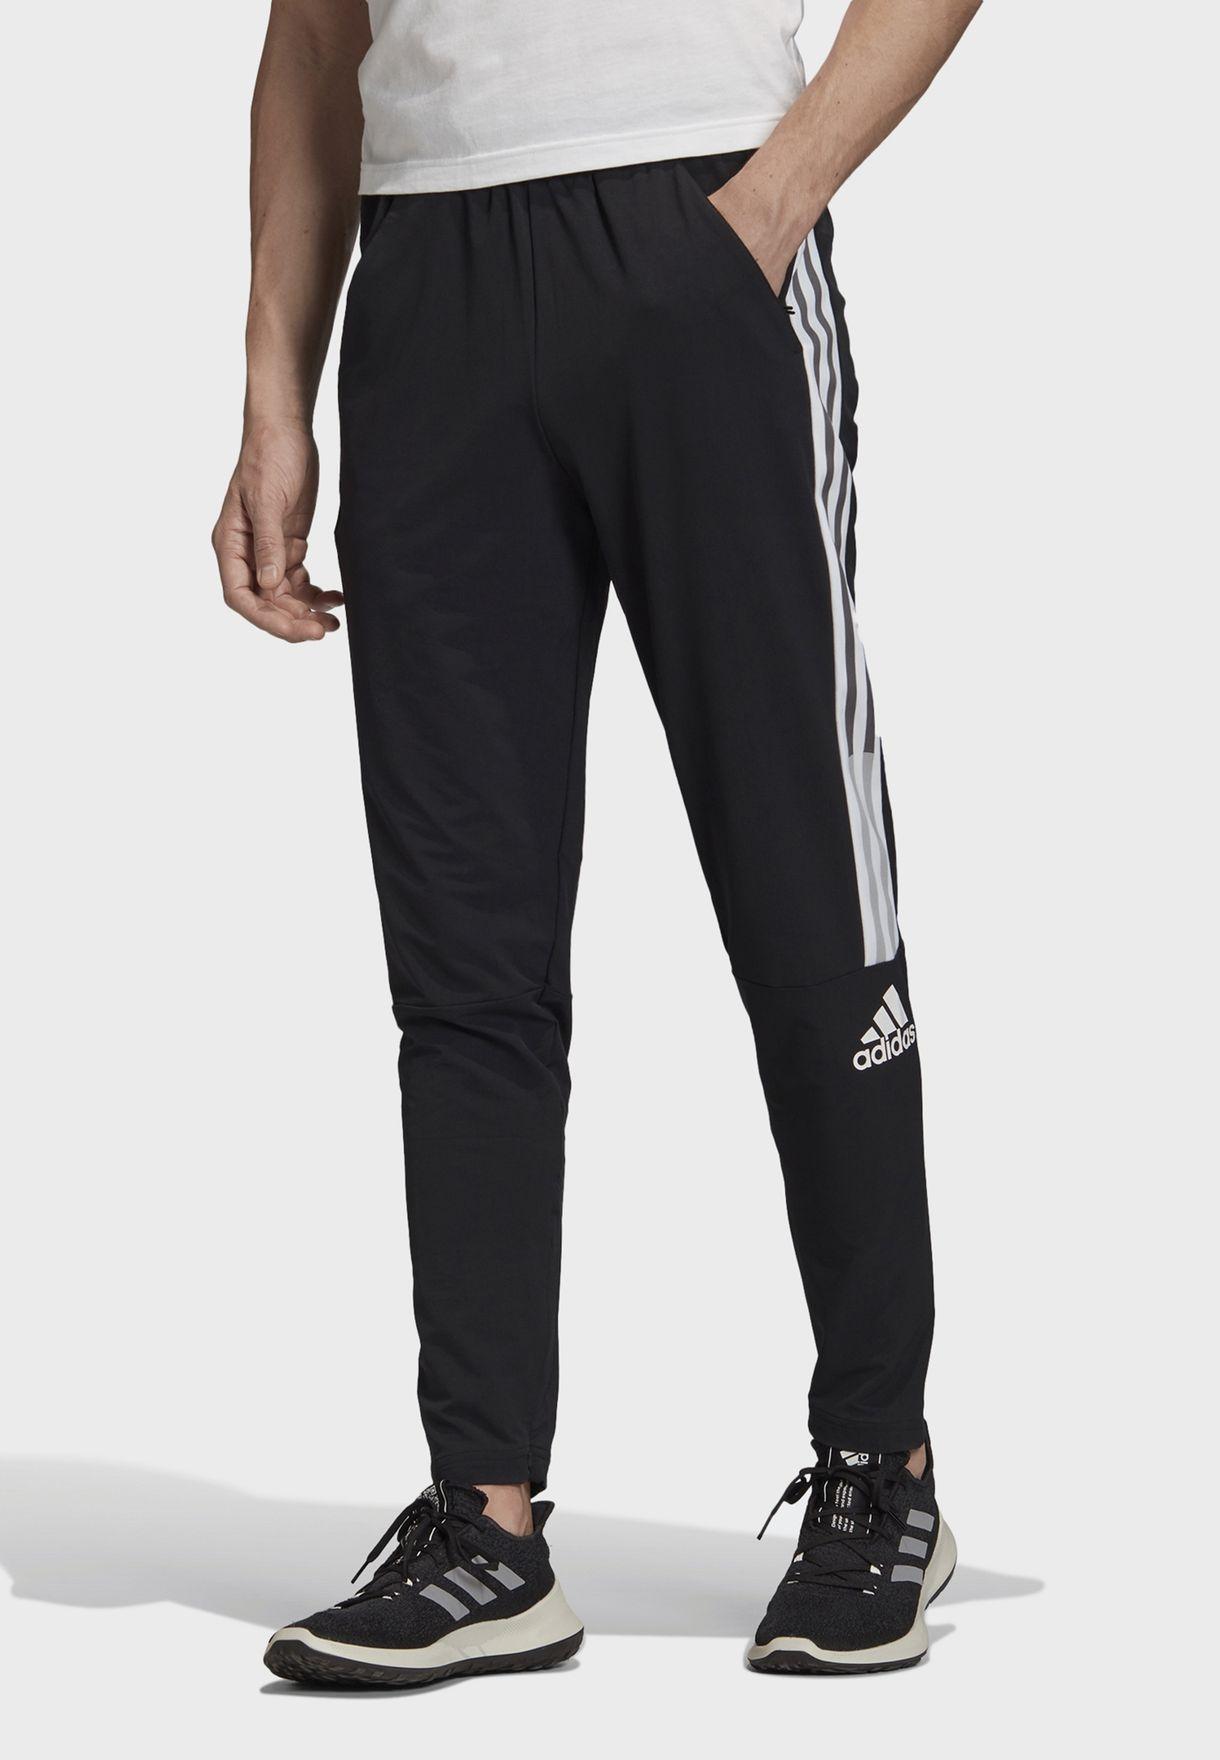 Z.N.E. Woven Sweatpants